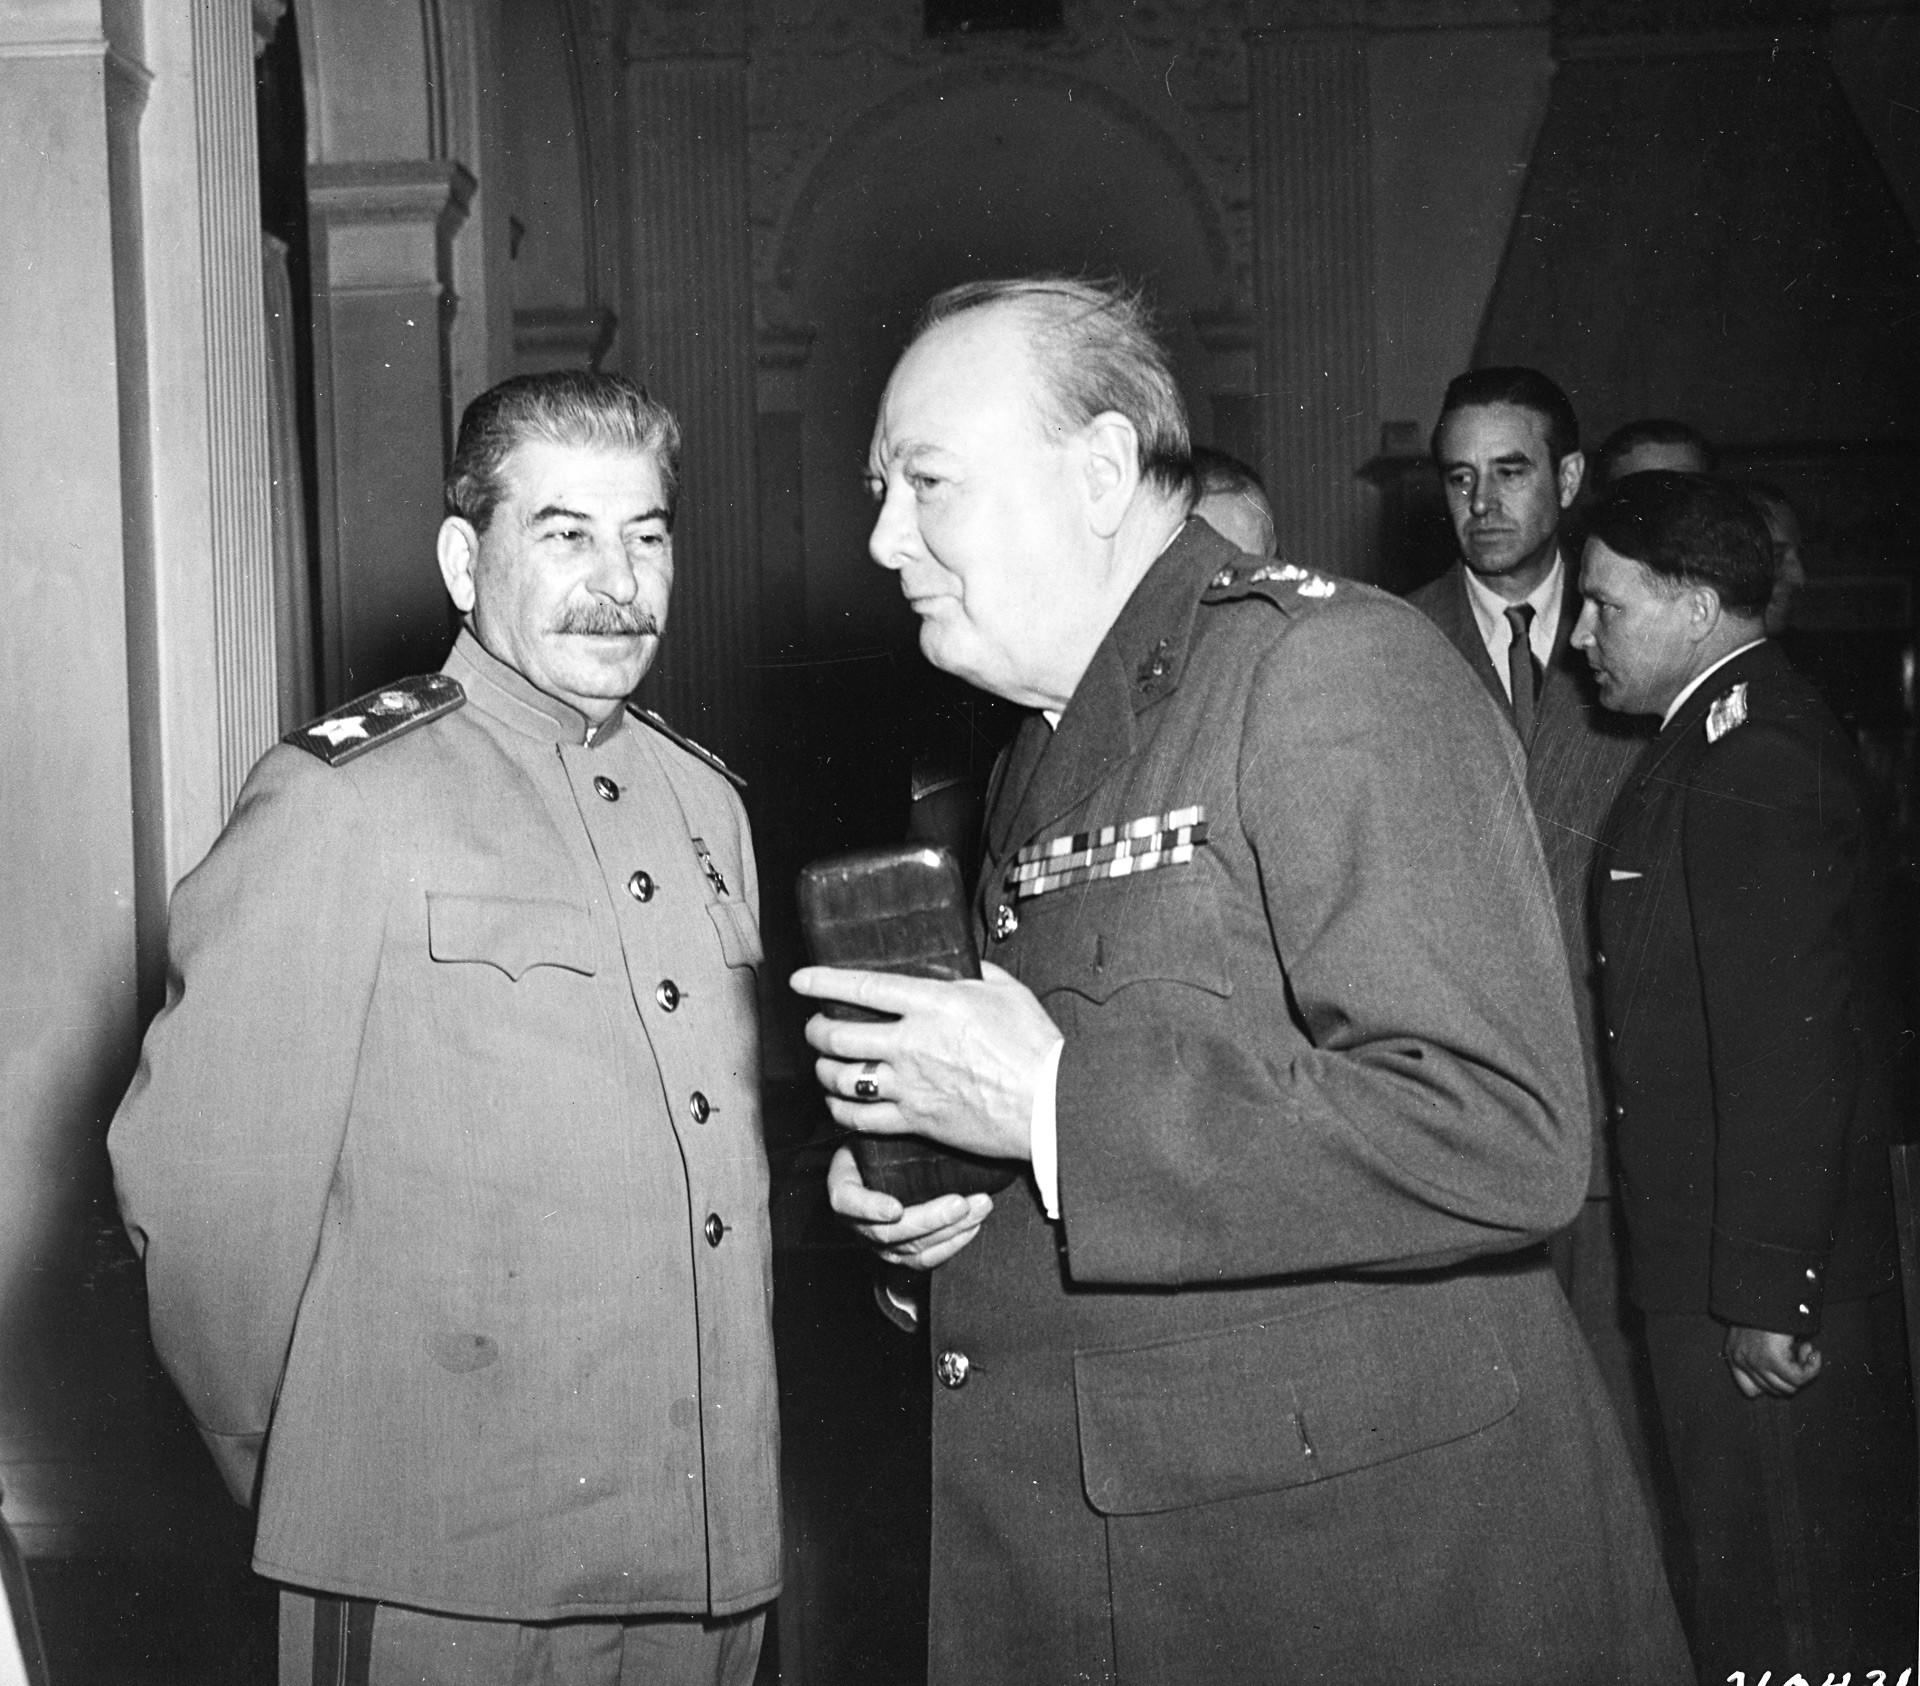 Јосиф Стаљин и Винстон Черчил на конференцији у Јалти, фебруар 1945.